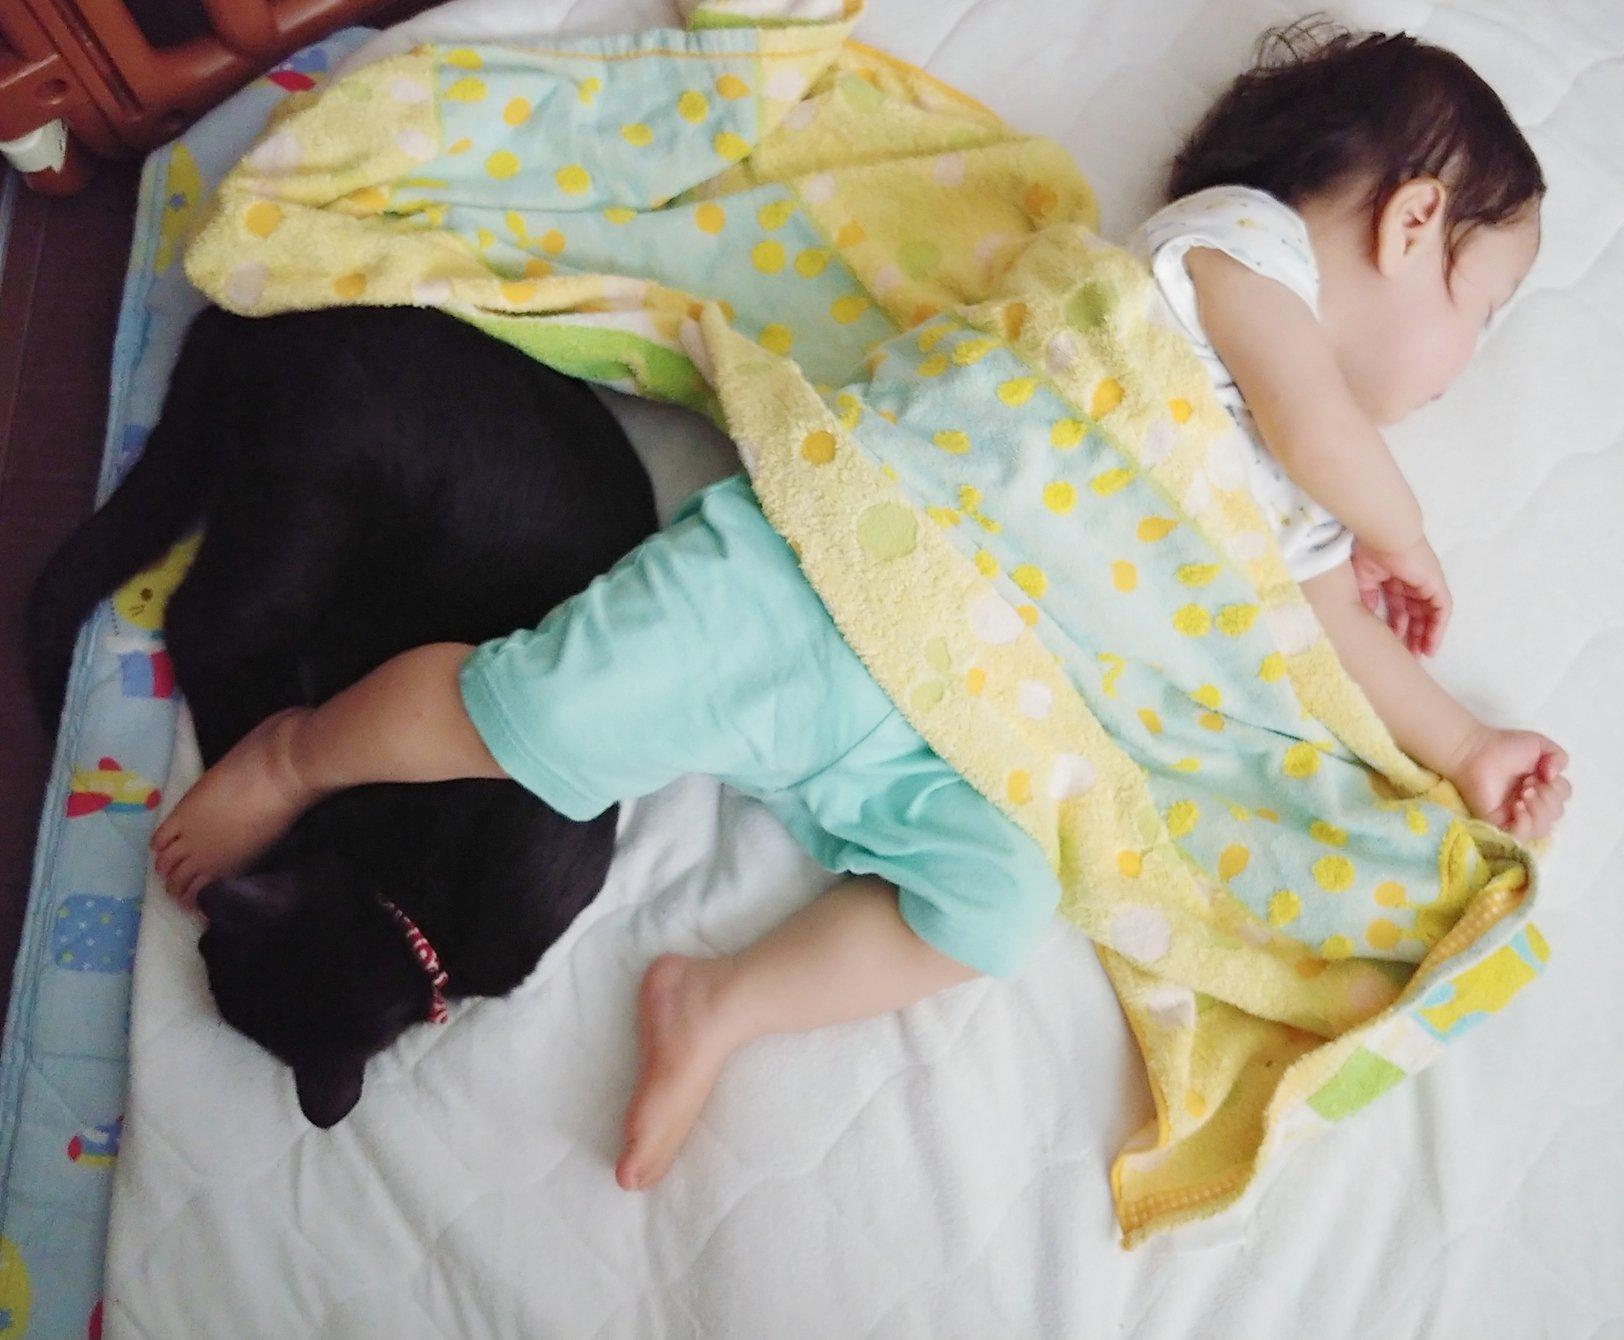 796日目。<br>朝、1歳児を起こそうと思って名前を呼んでいたら、寝惚けたのか足がモゾモゾ動き…そのまま黒猫の上にのそっと乗っかった。が、黒猫は1歳児の足程度の重みでは動じないのかもはやご褒美なのか特に反応なく、そのまま寝続けた。ちょっと見ていたかったが仕事に遅れても困るので双方起こした